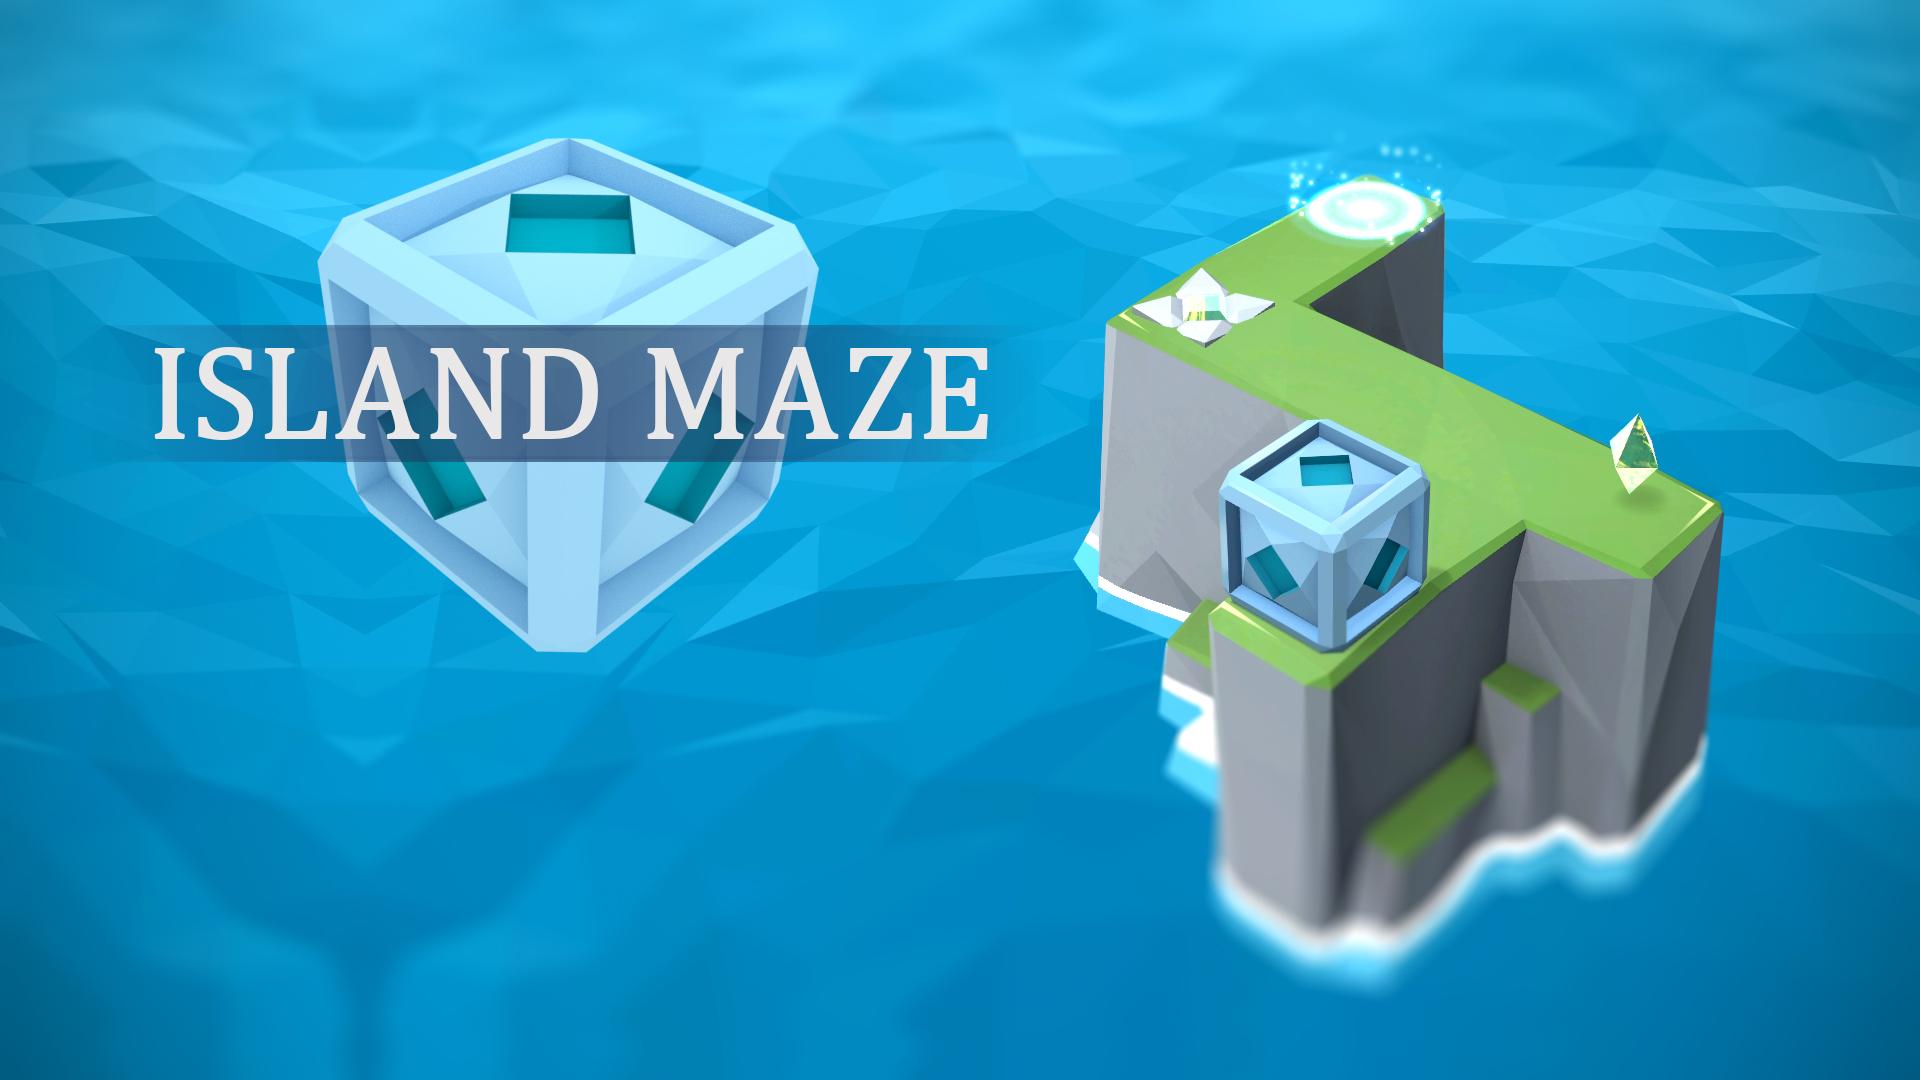 Island Maze